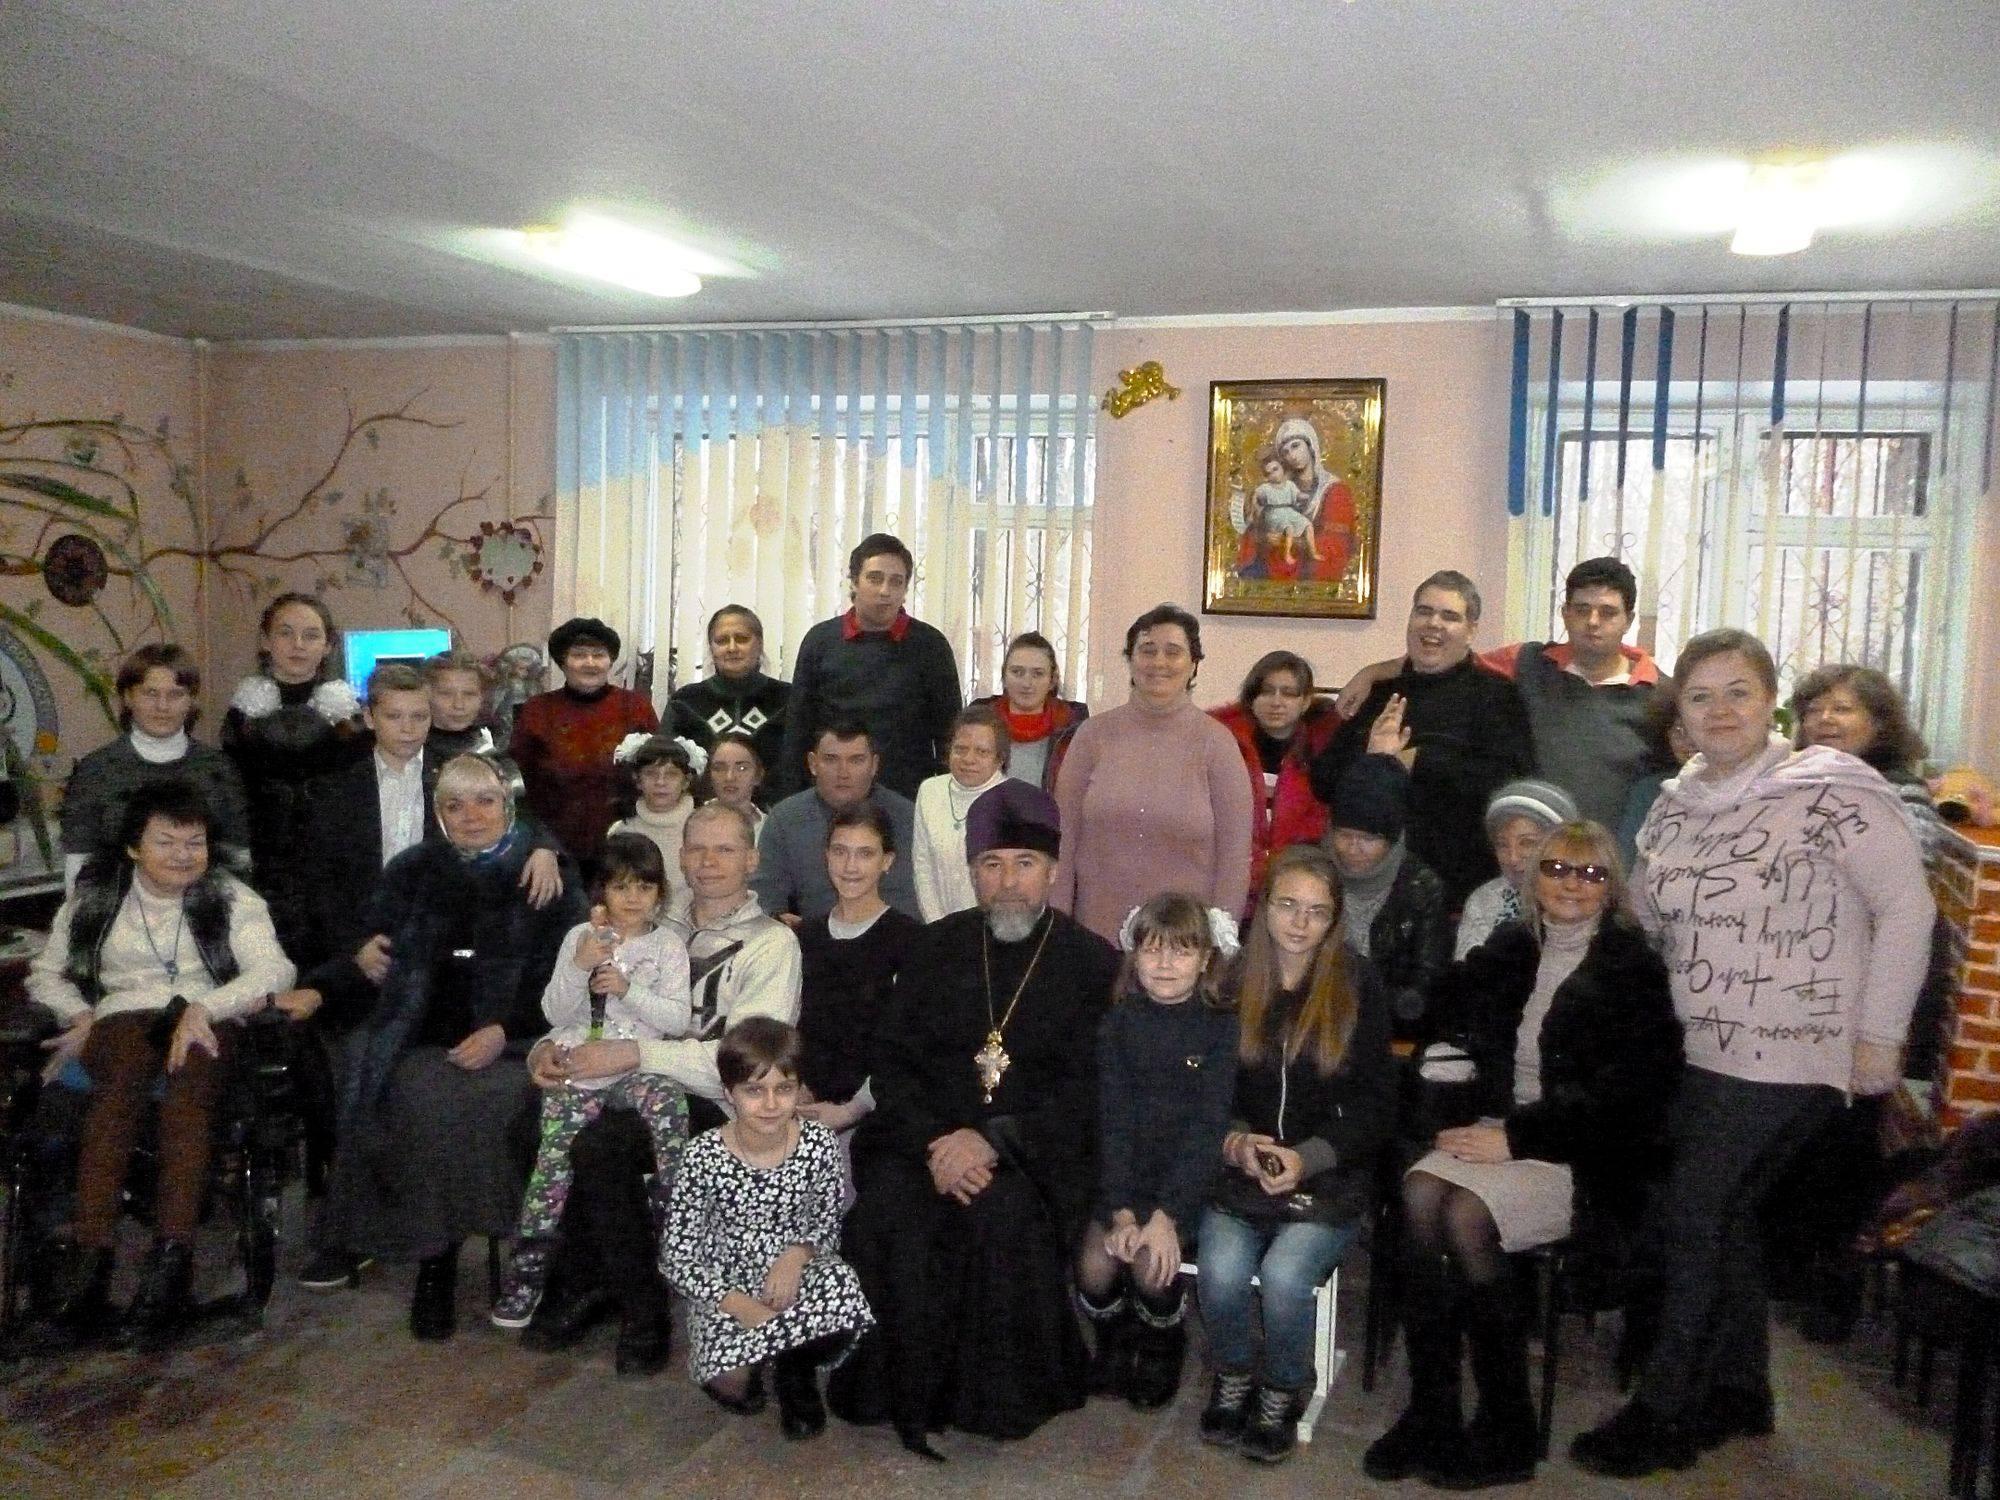 Официальный сайт мелитопольского центра социальной реабилитации детей-инвалидов фото центр реабилитации смолино челябинск сайт